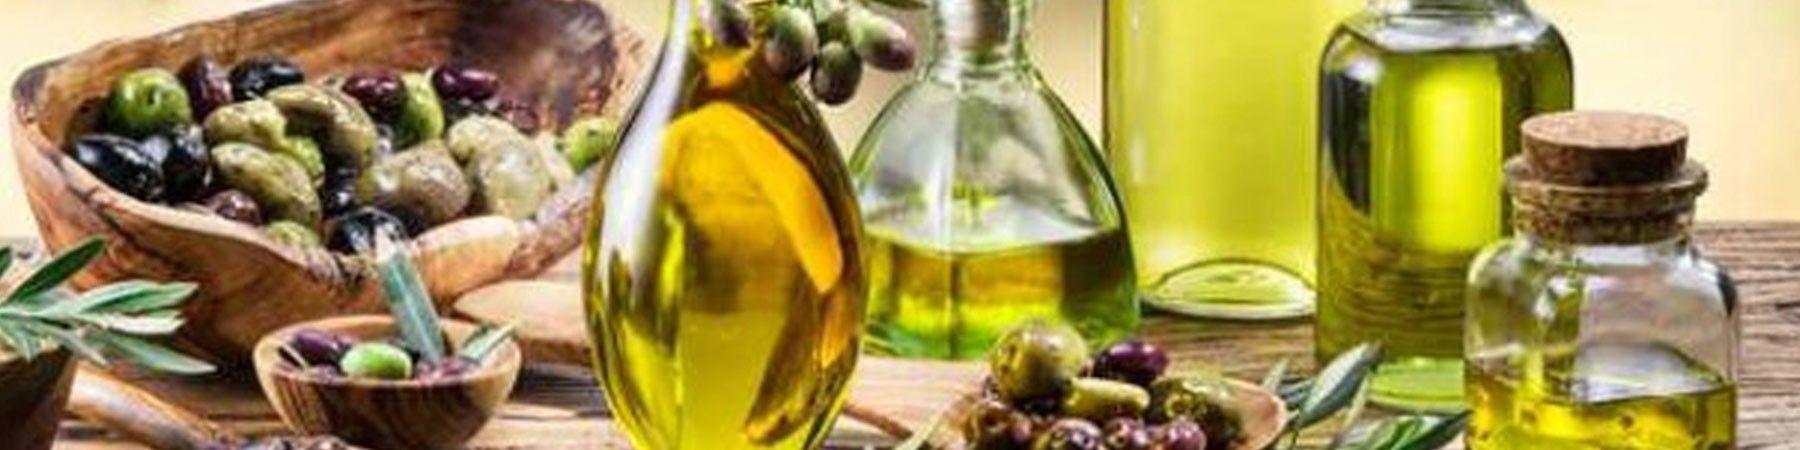 Huiles d'olives - Autres